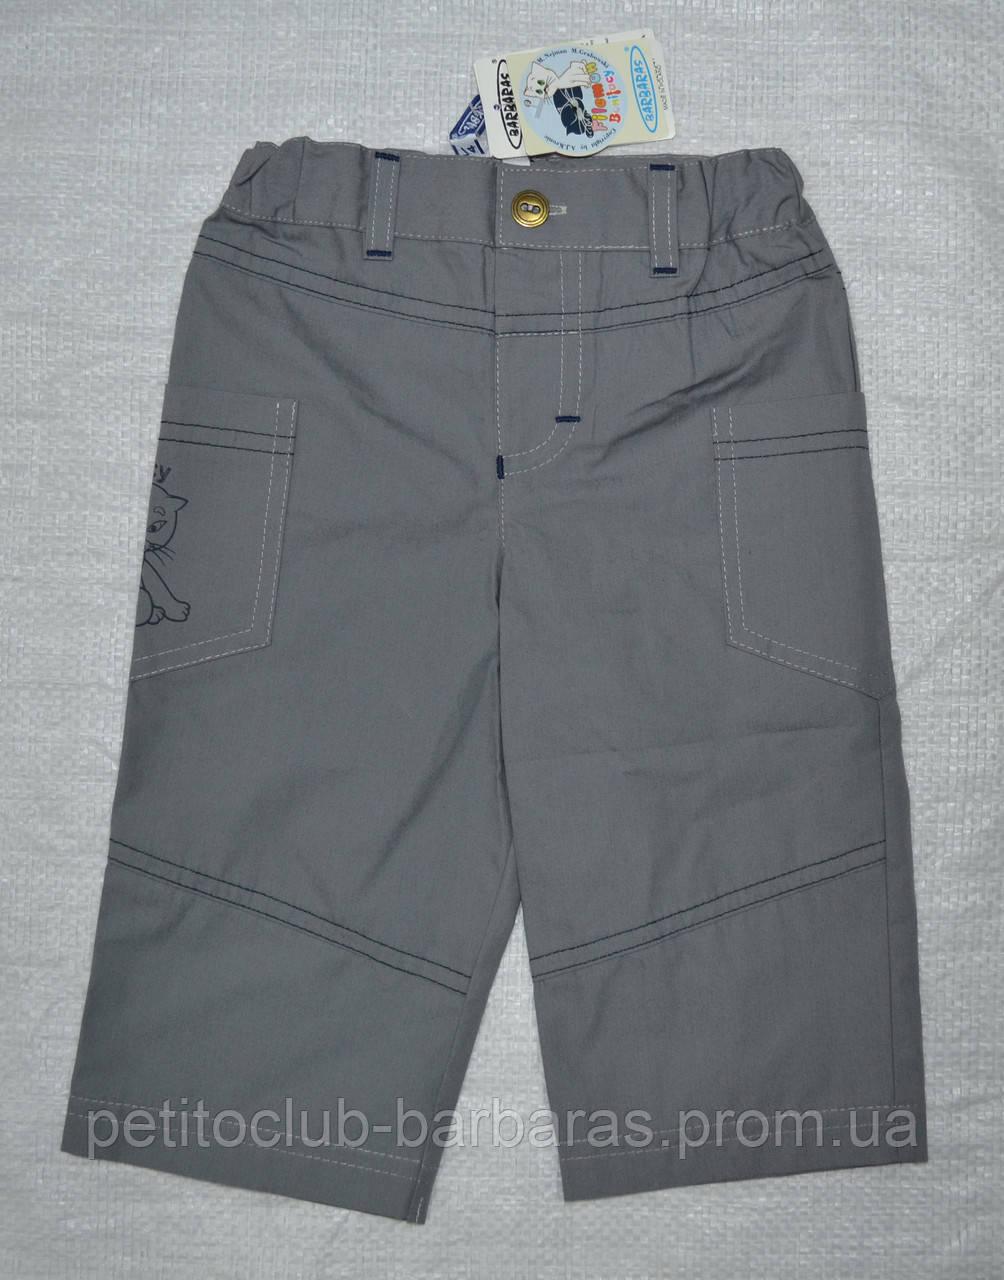 Детские летние брюки Bonifacy для мальчика (р. 74-104 см)(Barbaras, Польша)